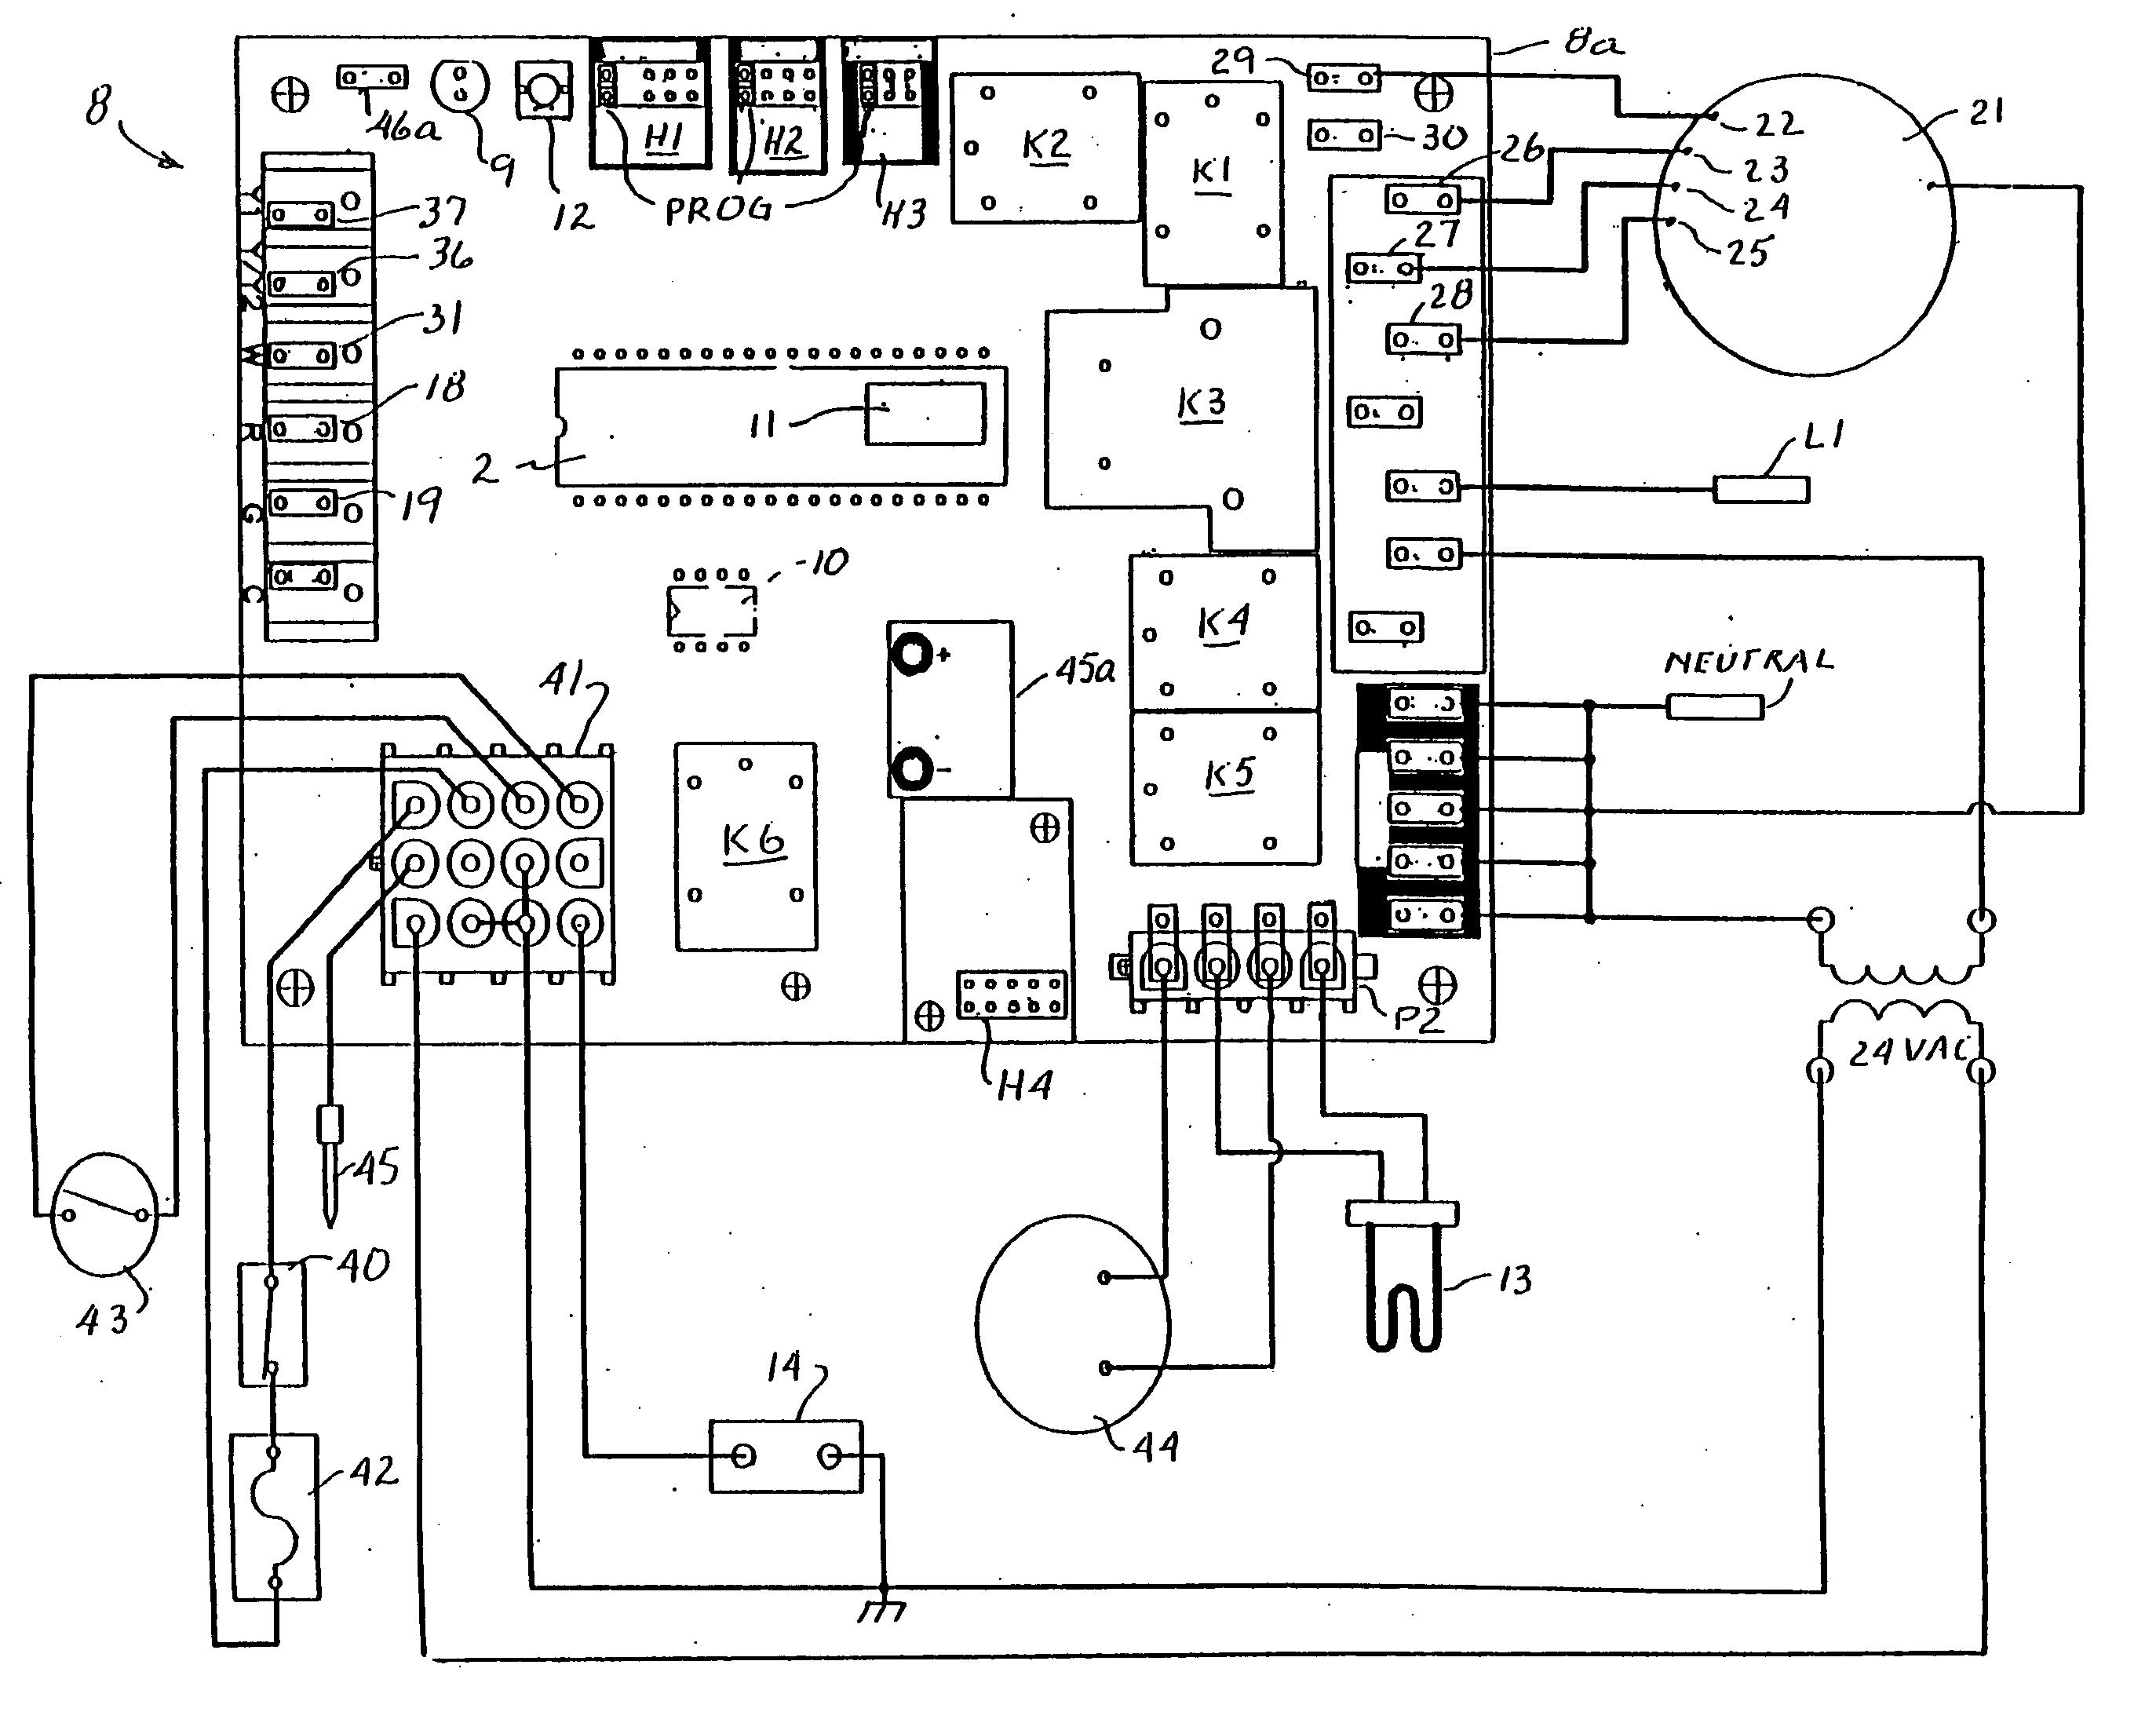 goodman heating wiring diagram free download control board wiring diagram wiring diagram data  control board wiring diagram wiring